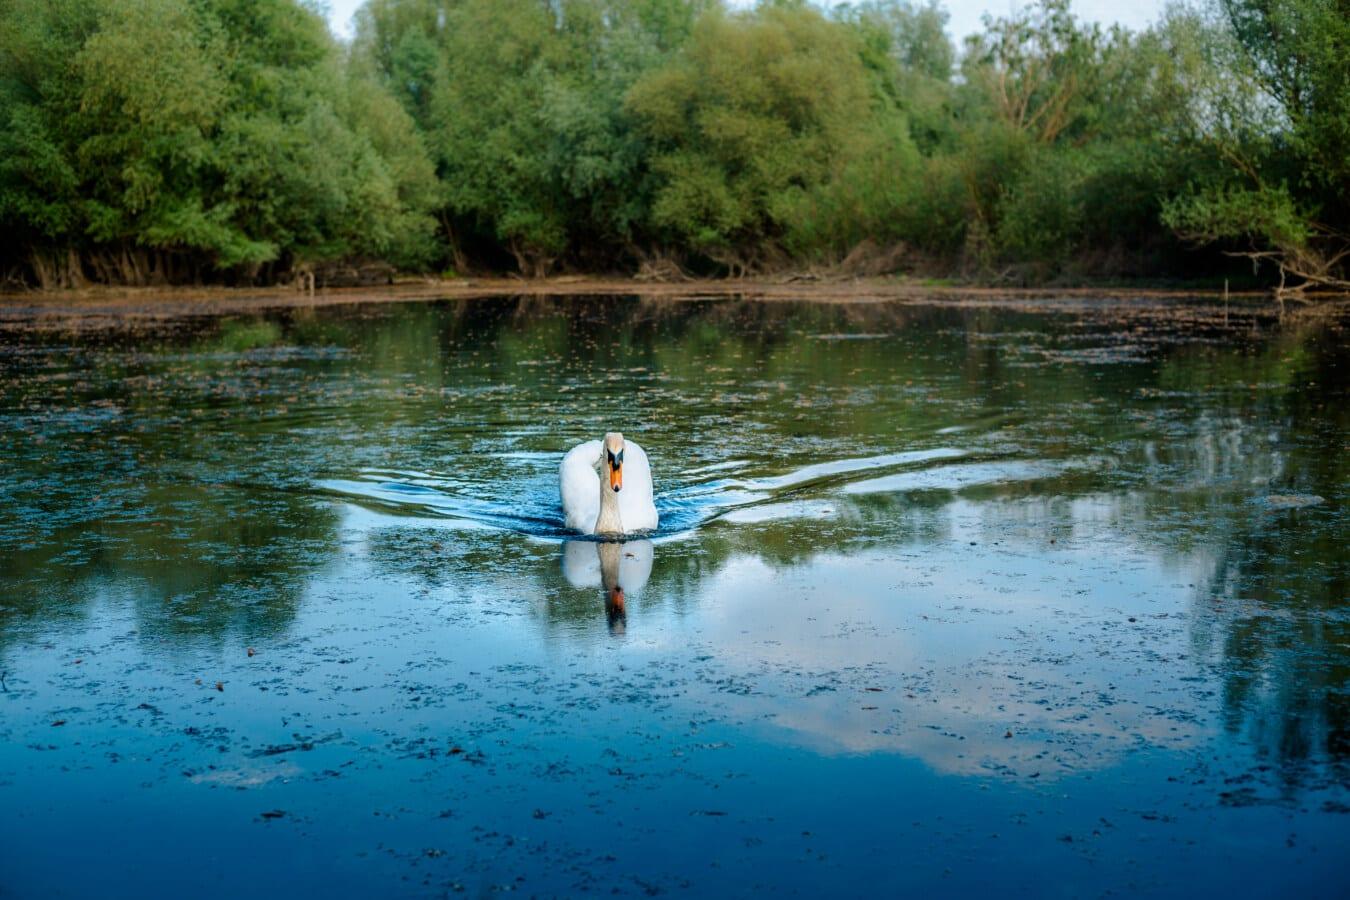 болото, солоноводних, Лебідь, благодать, птах, плавання, води, озеро, відбиття, Річка